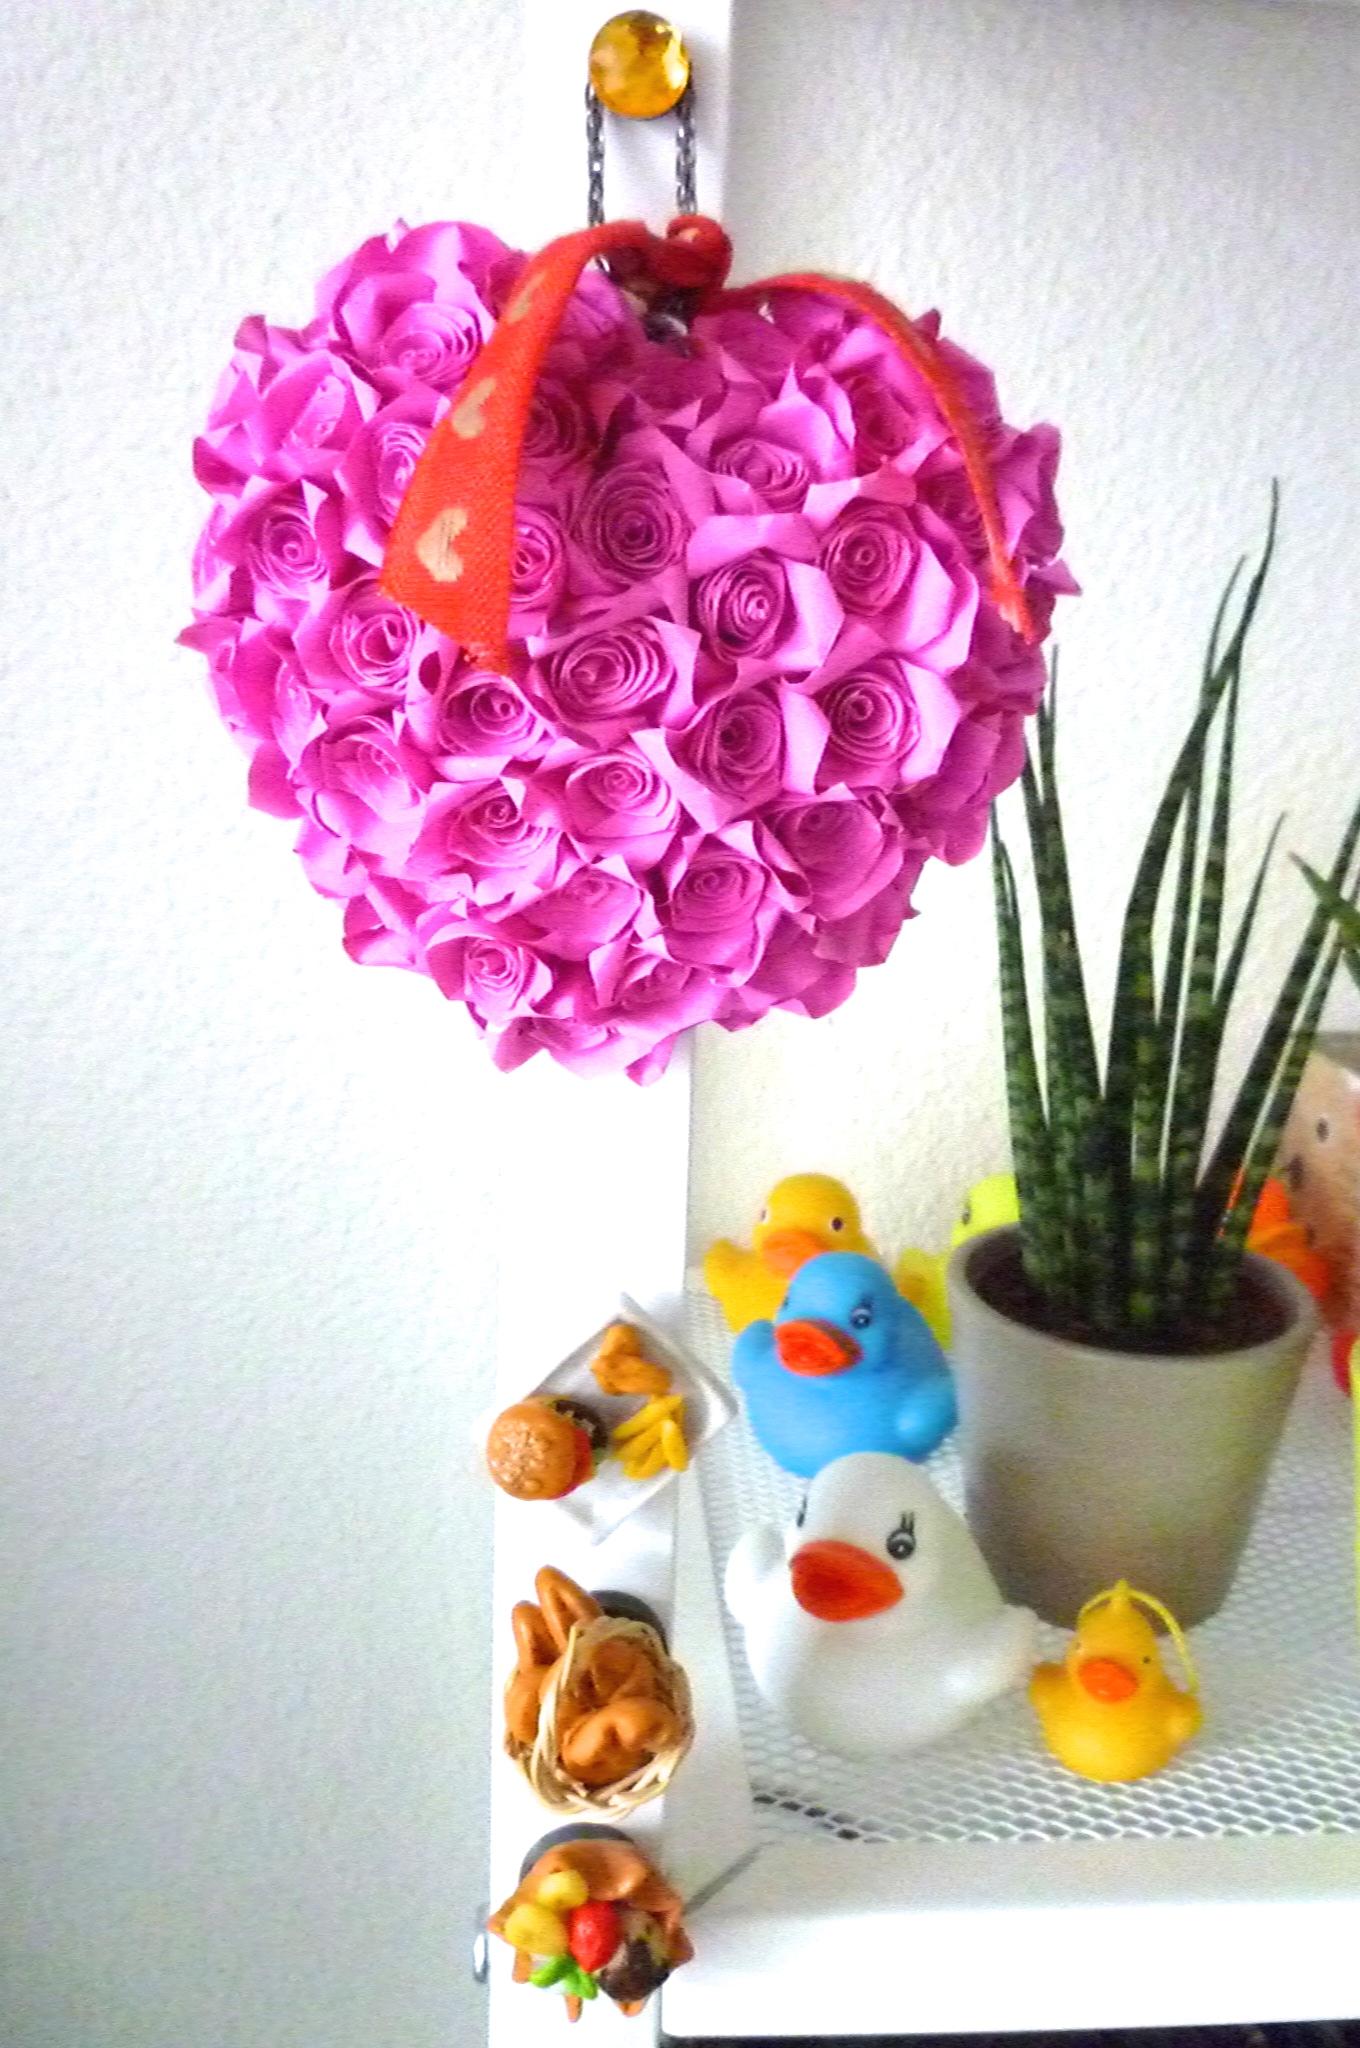 Cute Beautiful Rose Heart Bouquet Pink Handmade Paper